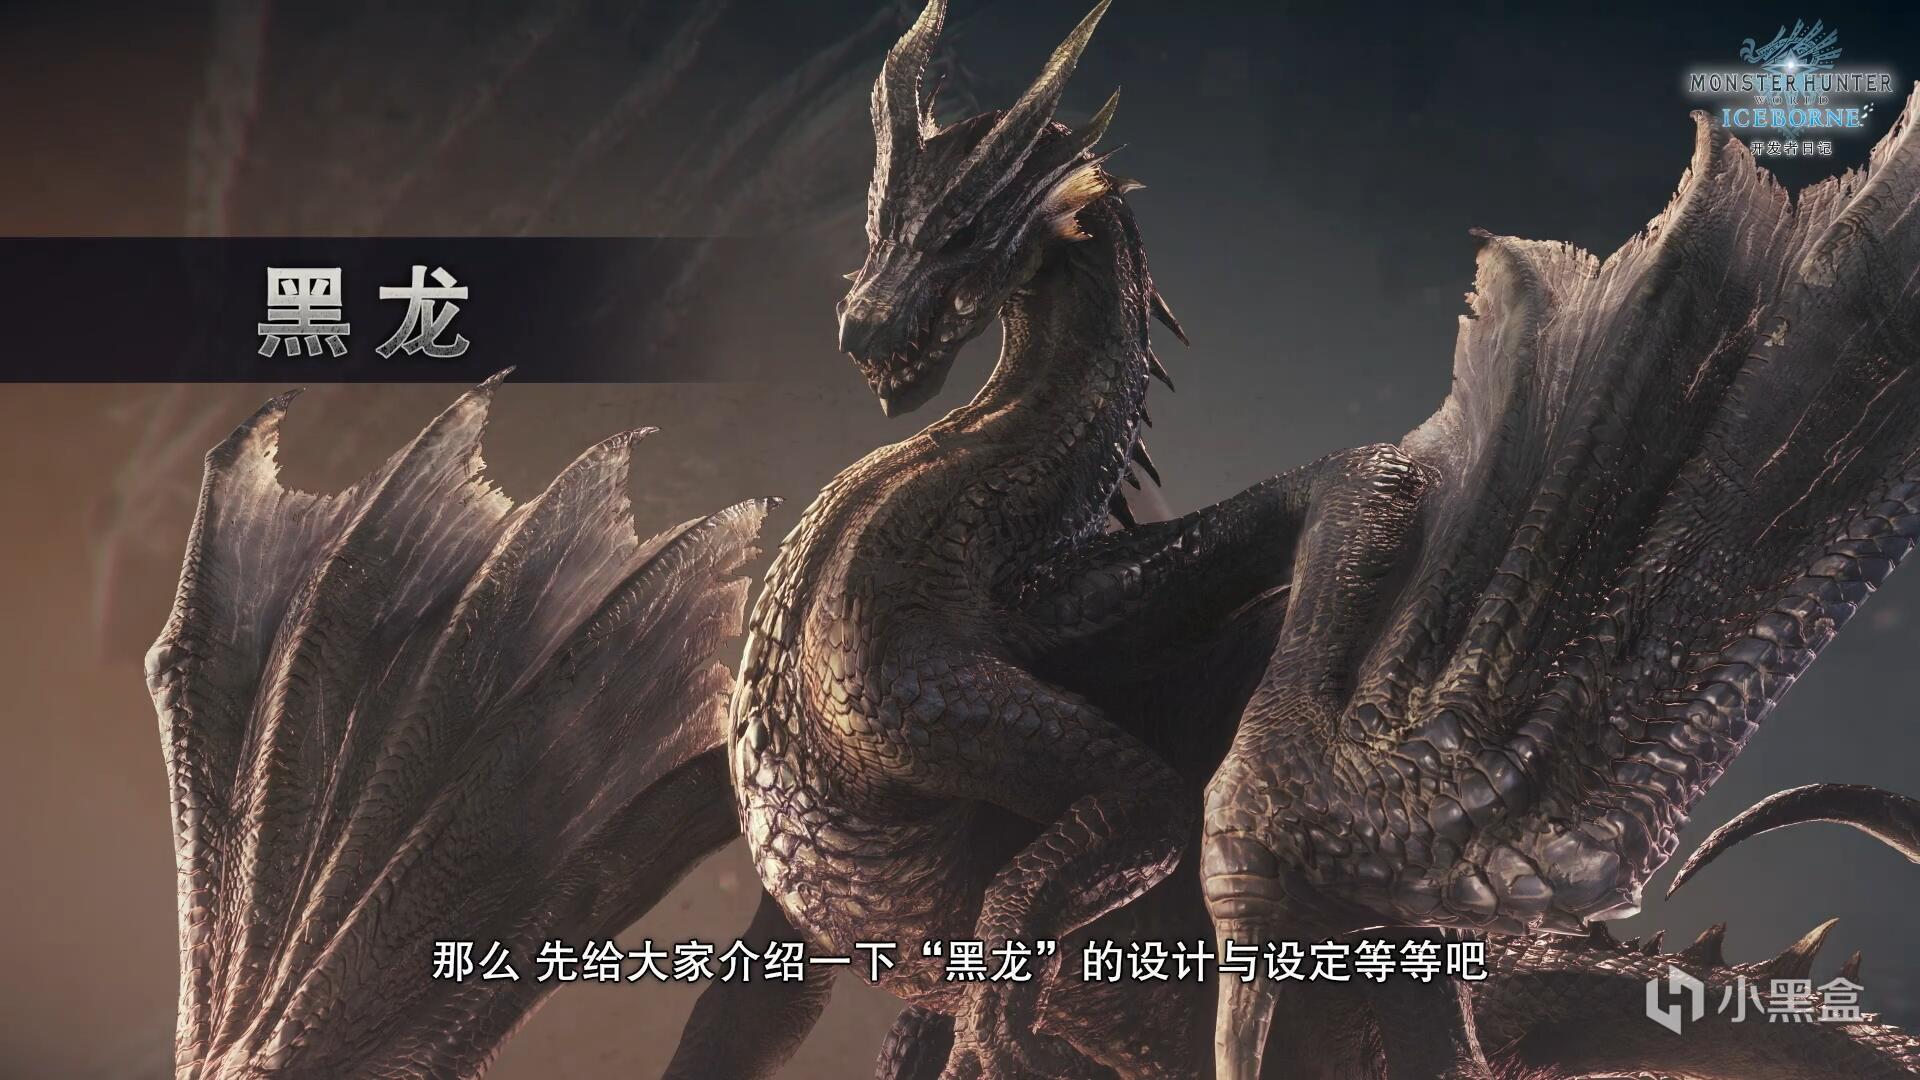 """最后的开发者日记公布!""""禁忌的古龙""""黑龙即将登场"""